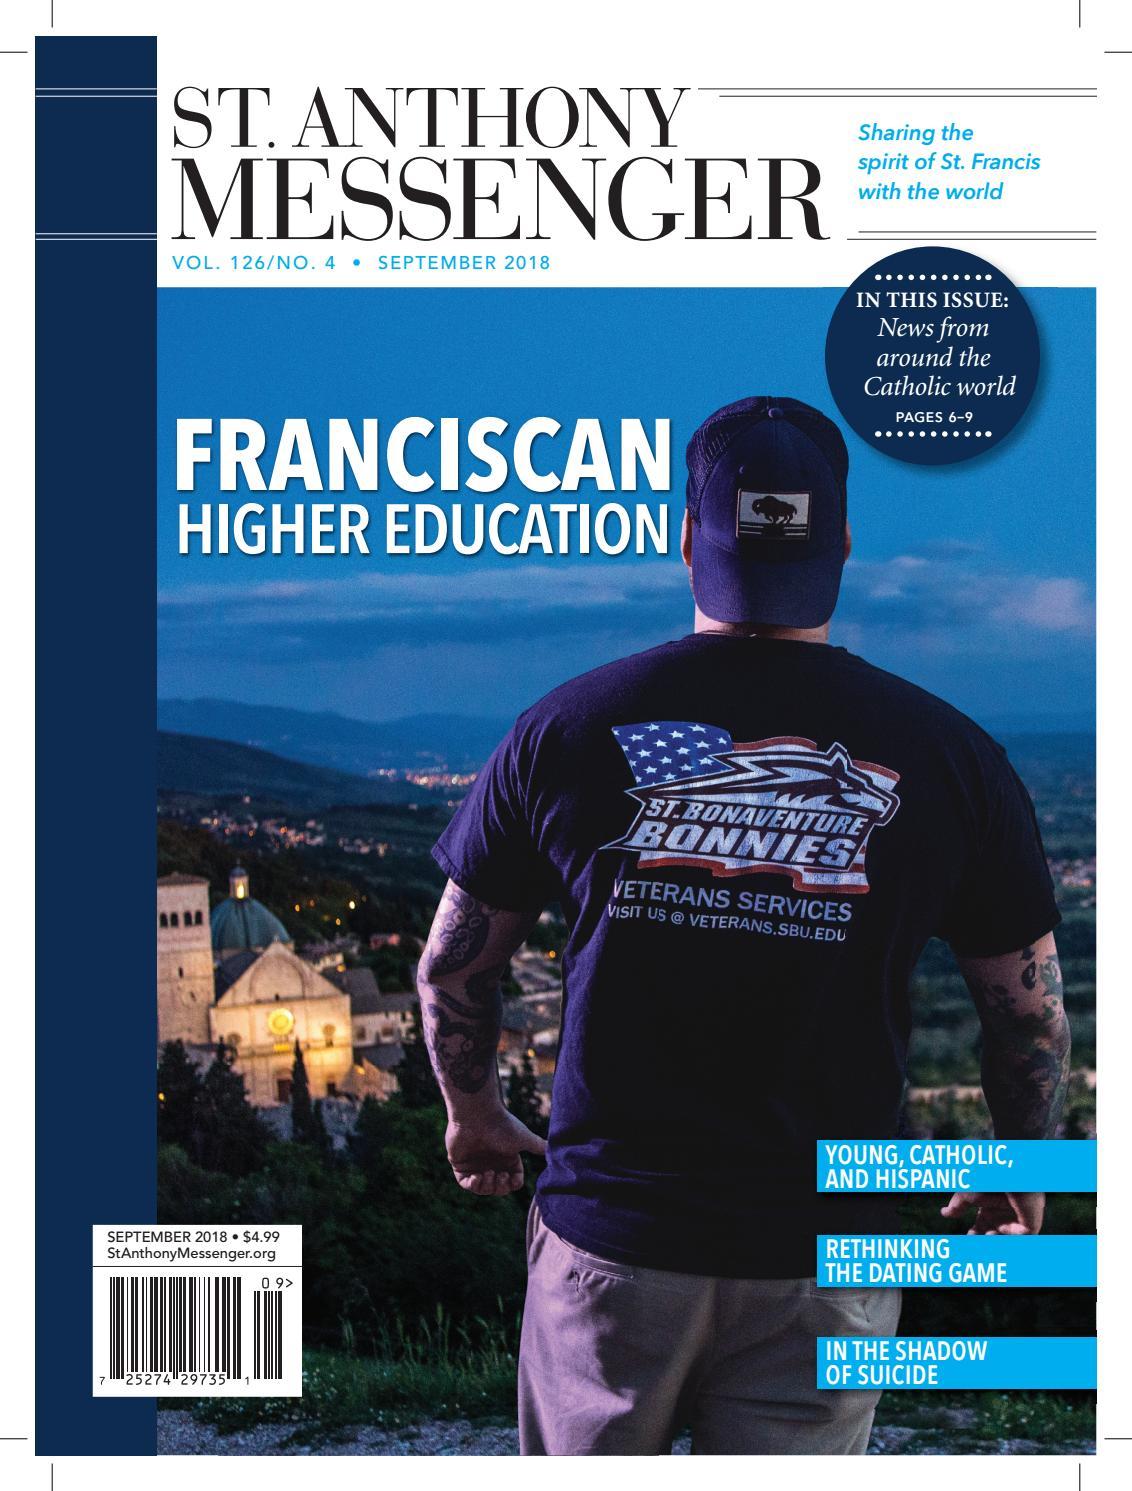 af7567b47a St. Anthony Messenger September 2018 by Franciscan Media - issuu